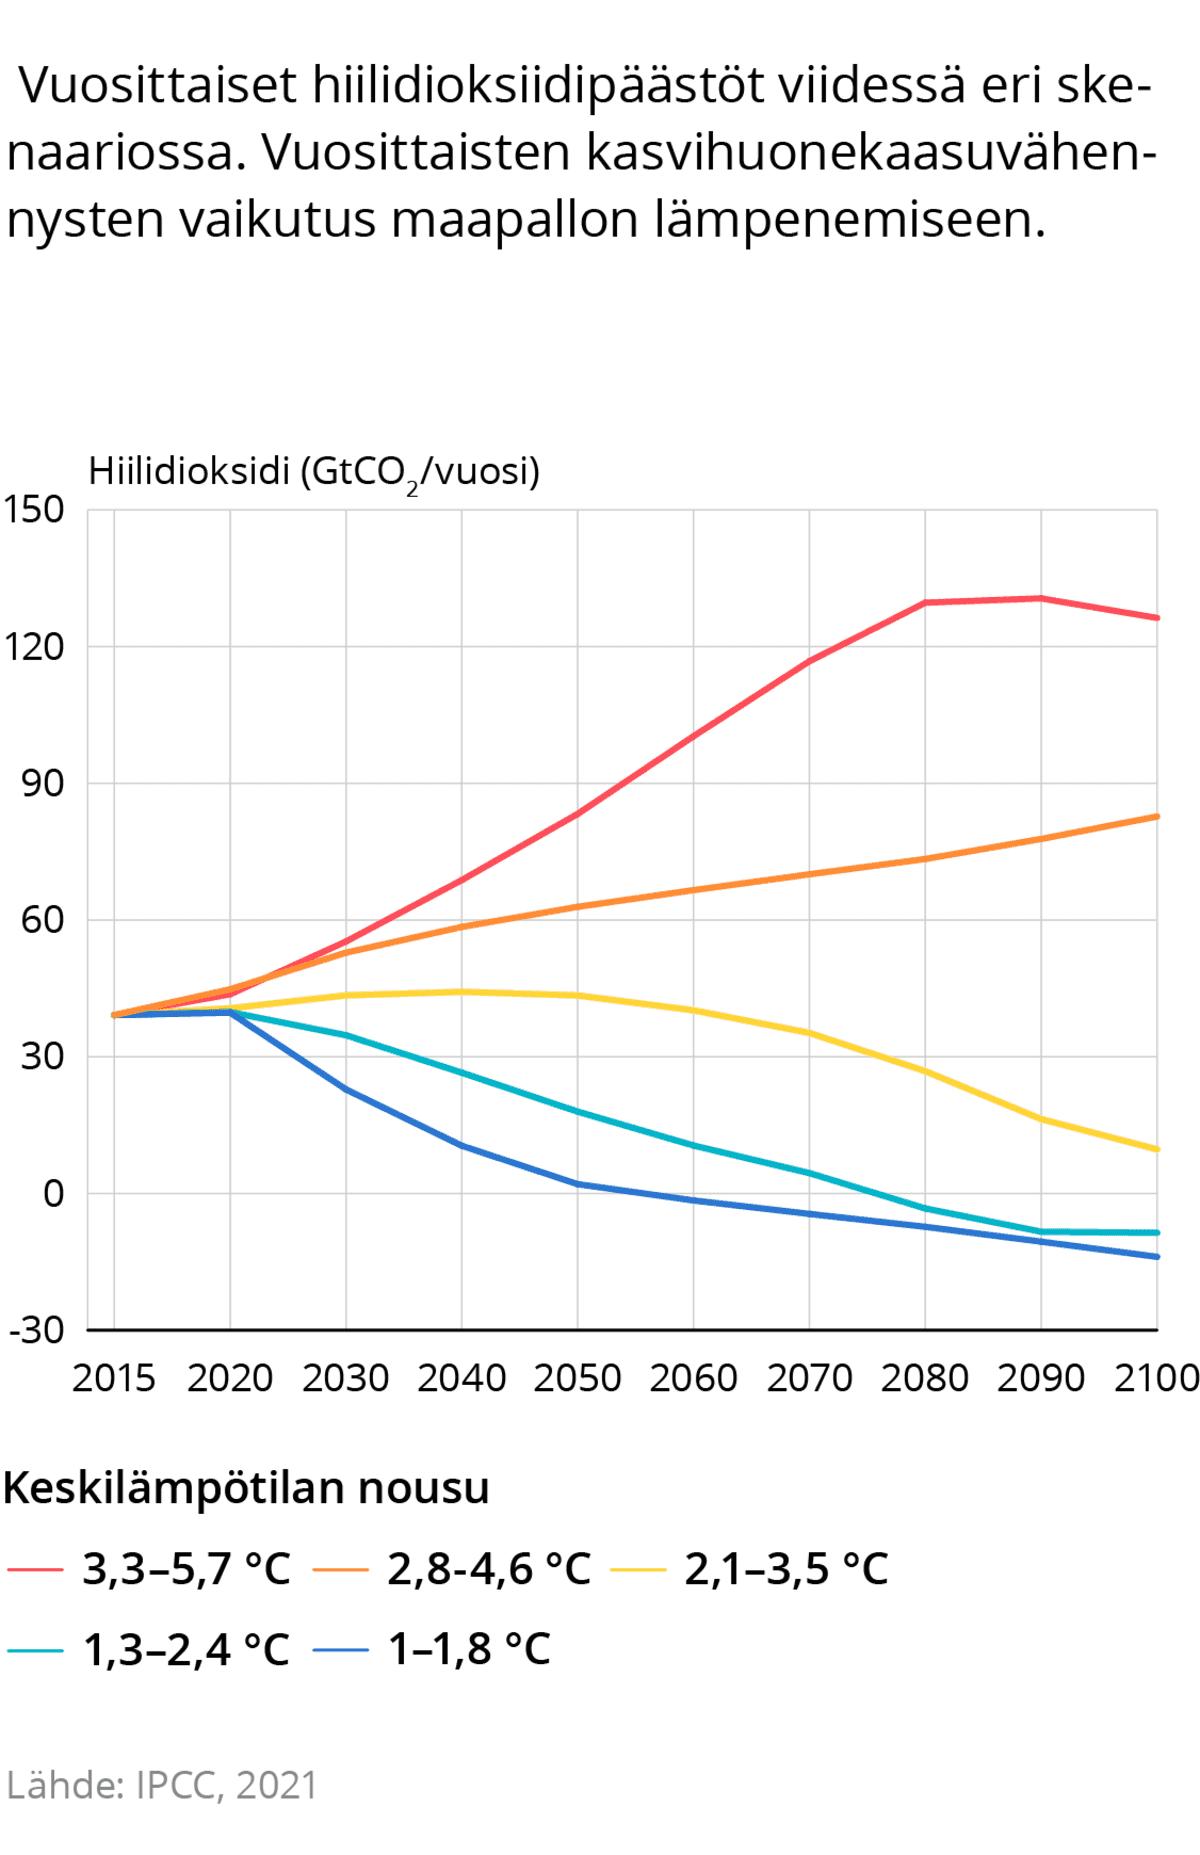 Vuosittaiset hiilidioksidipäästöt viidessä eri skenaariossa. Vuosittaisten kasvihuonekaasuvähennysten vaikutus maapallon lämpenemiseen.